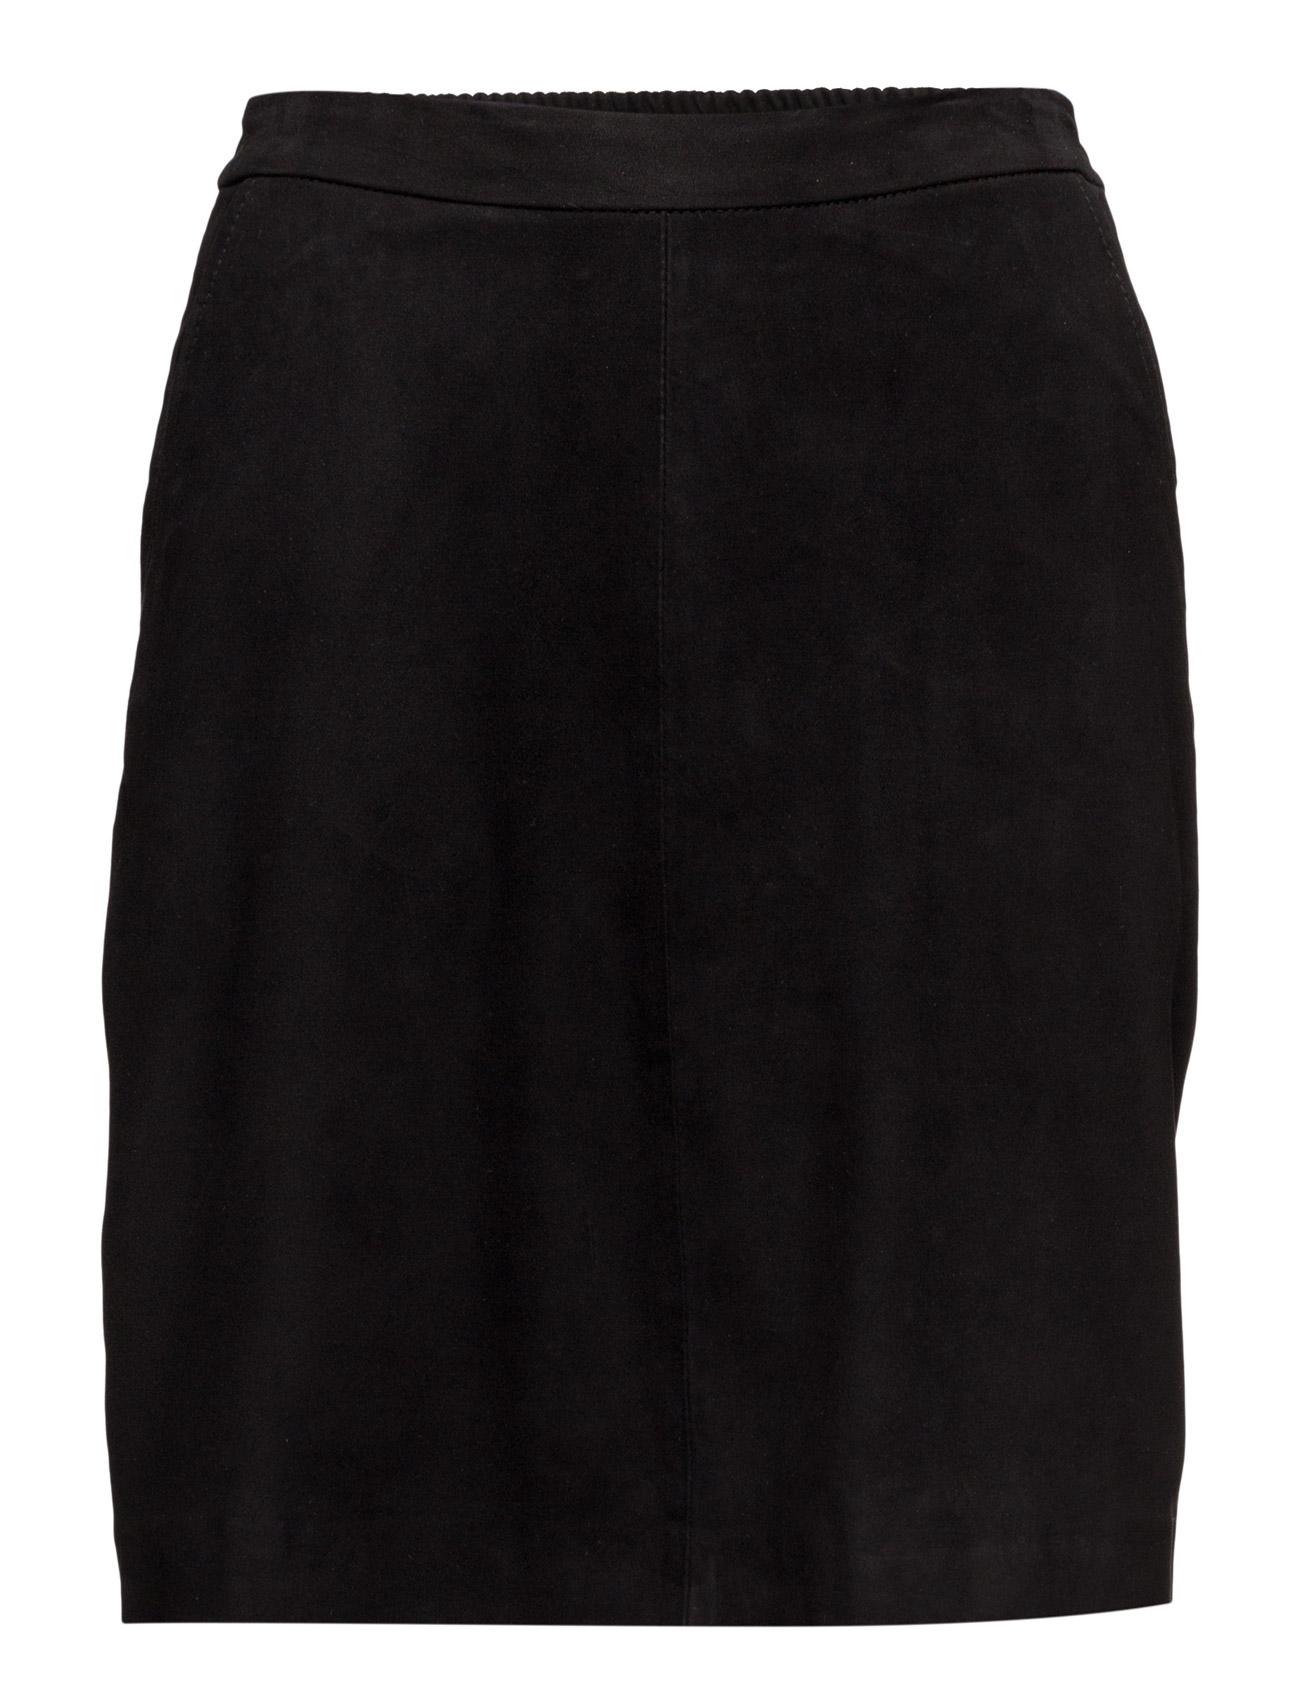 A Skirt DEPECHE Korte til Damer i Sort